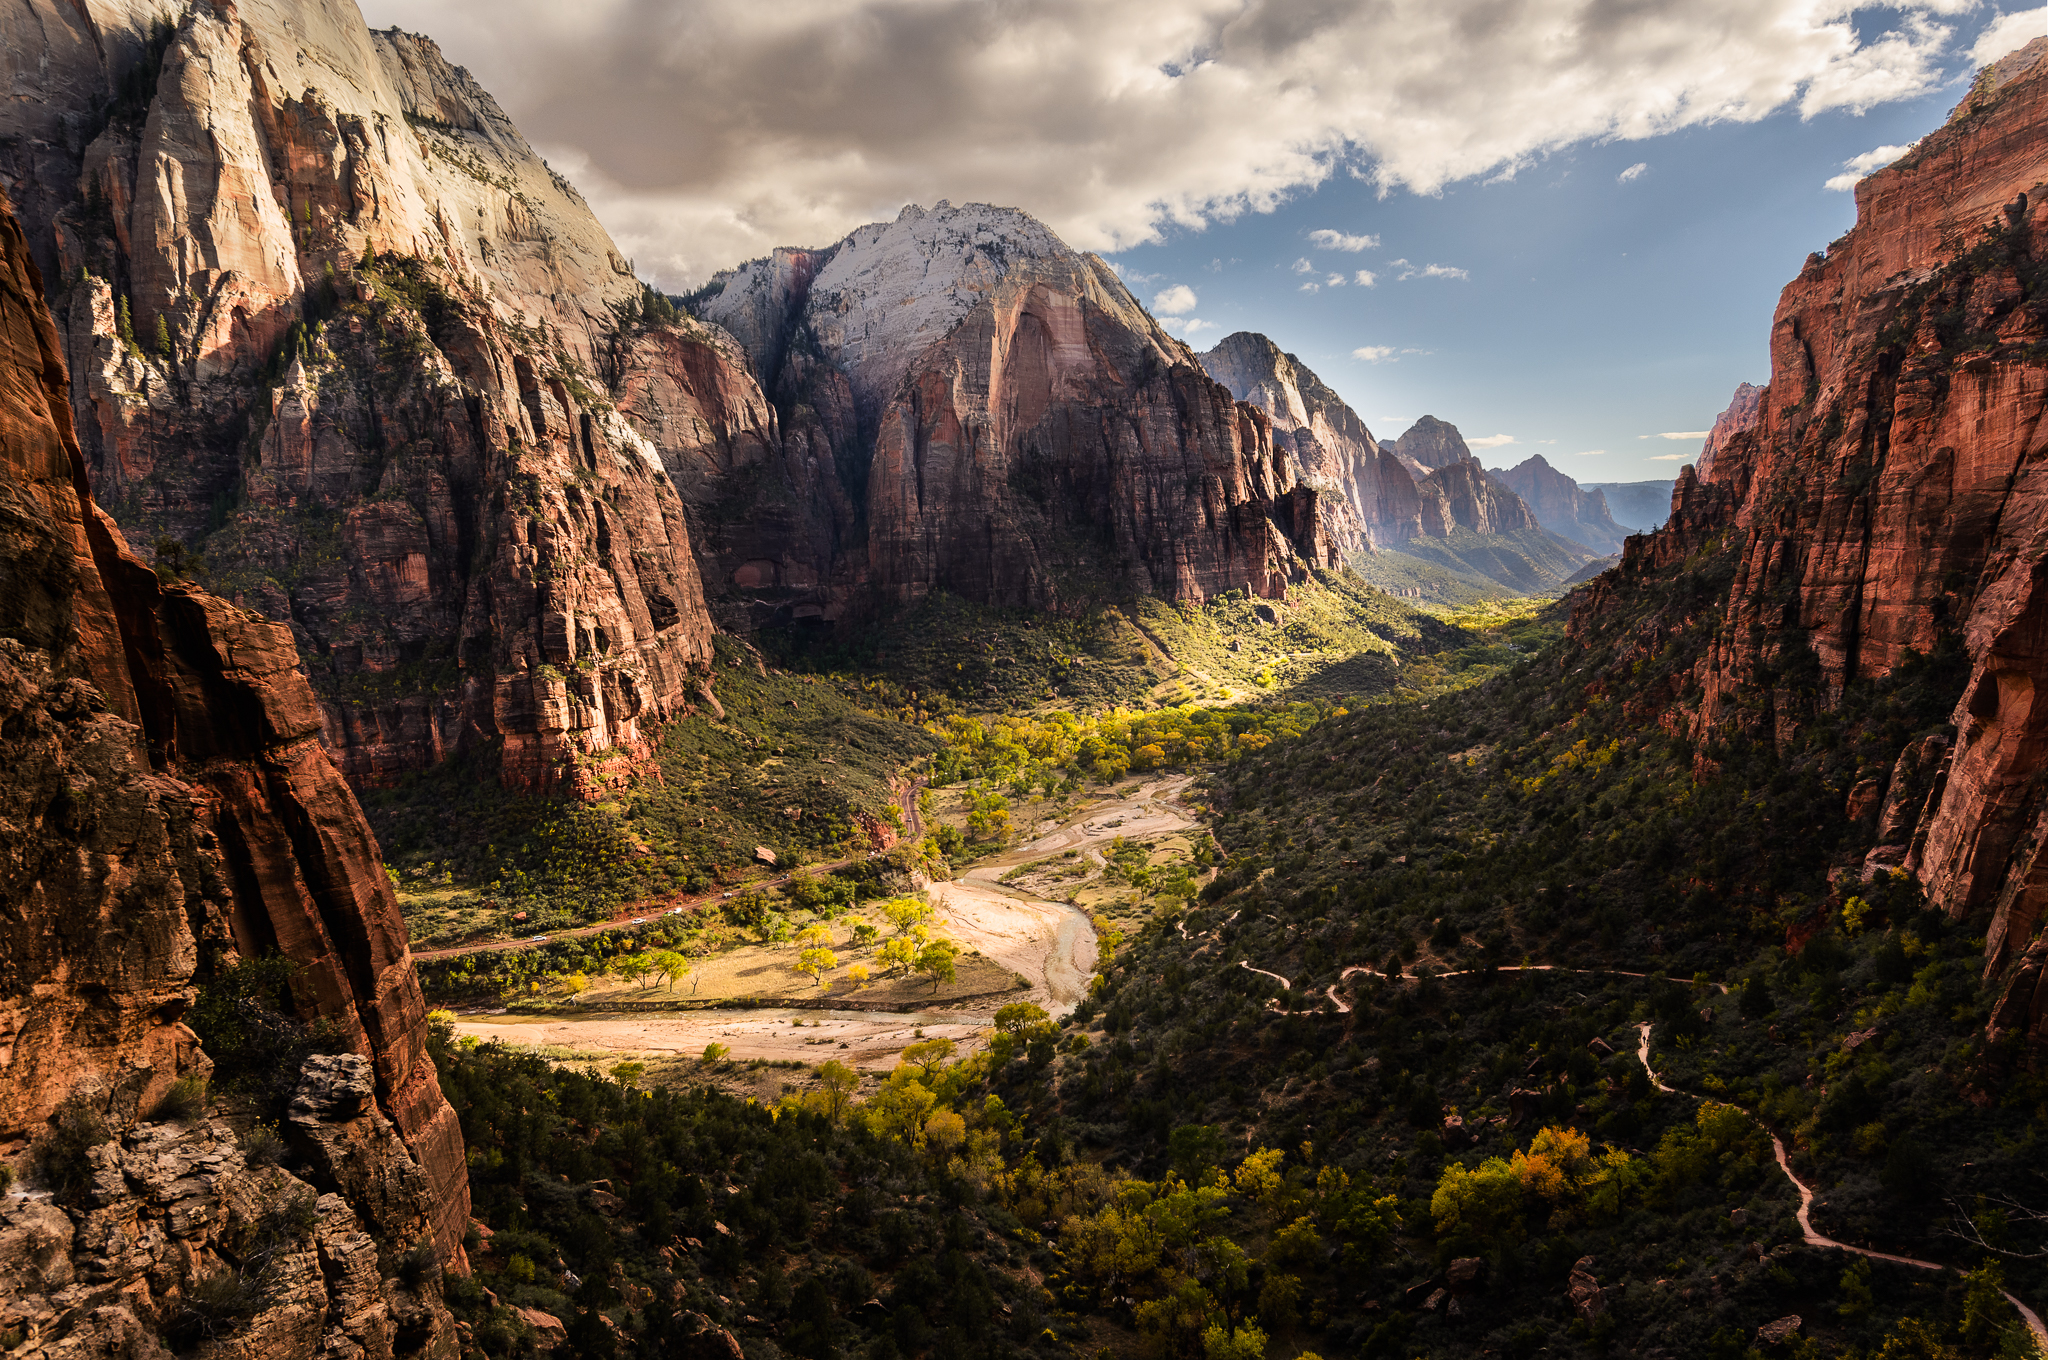 Virgin River snakes through the Zion Canyon